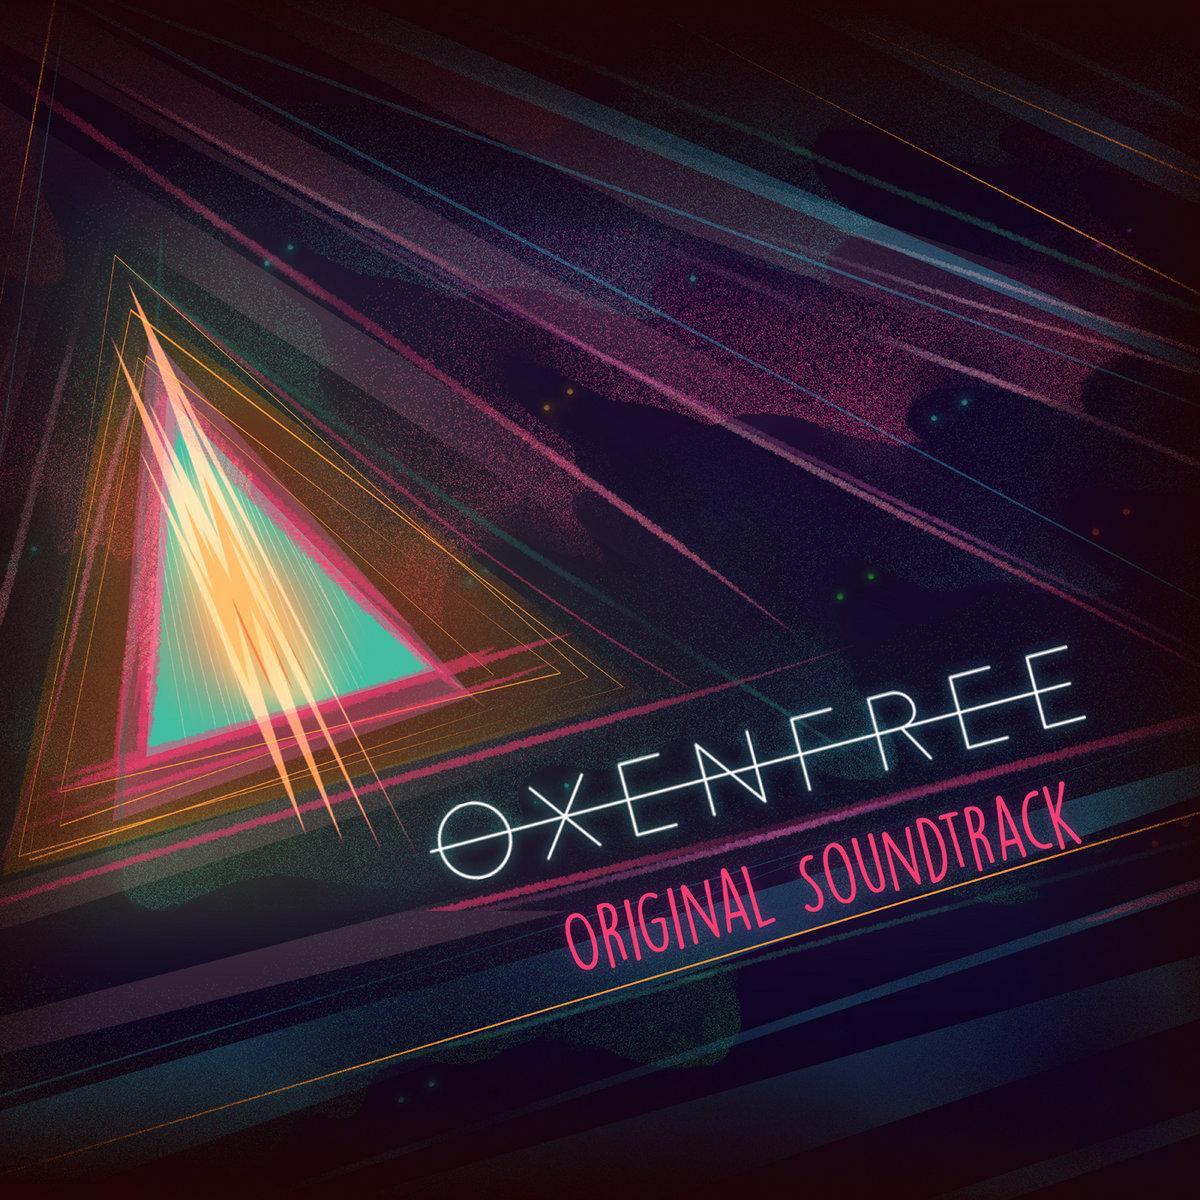 Oxenfree | scntfc